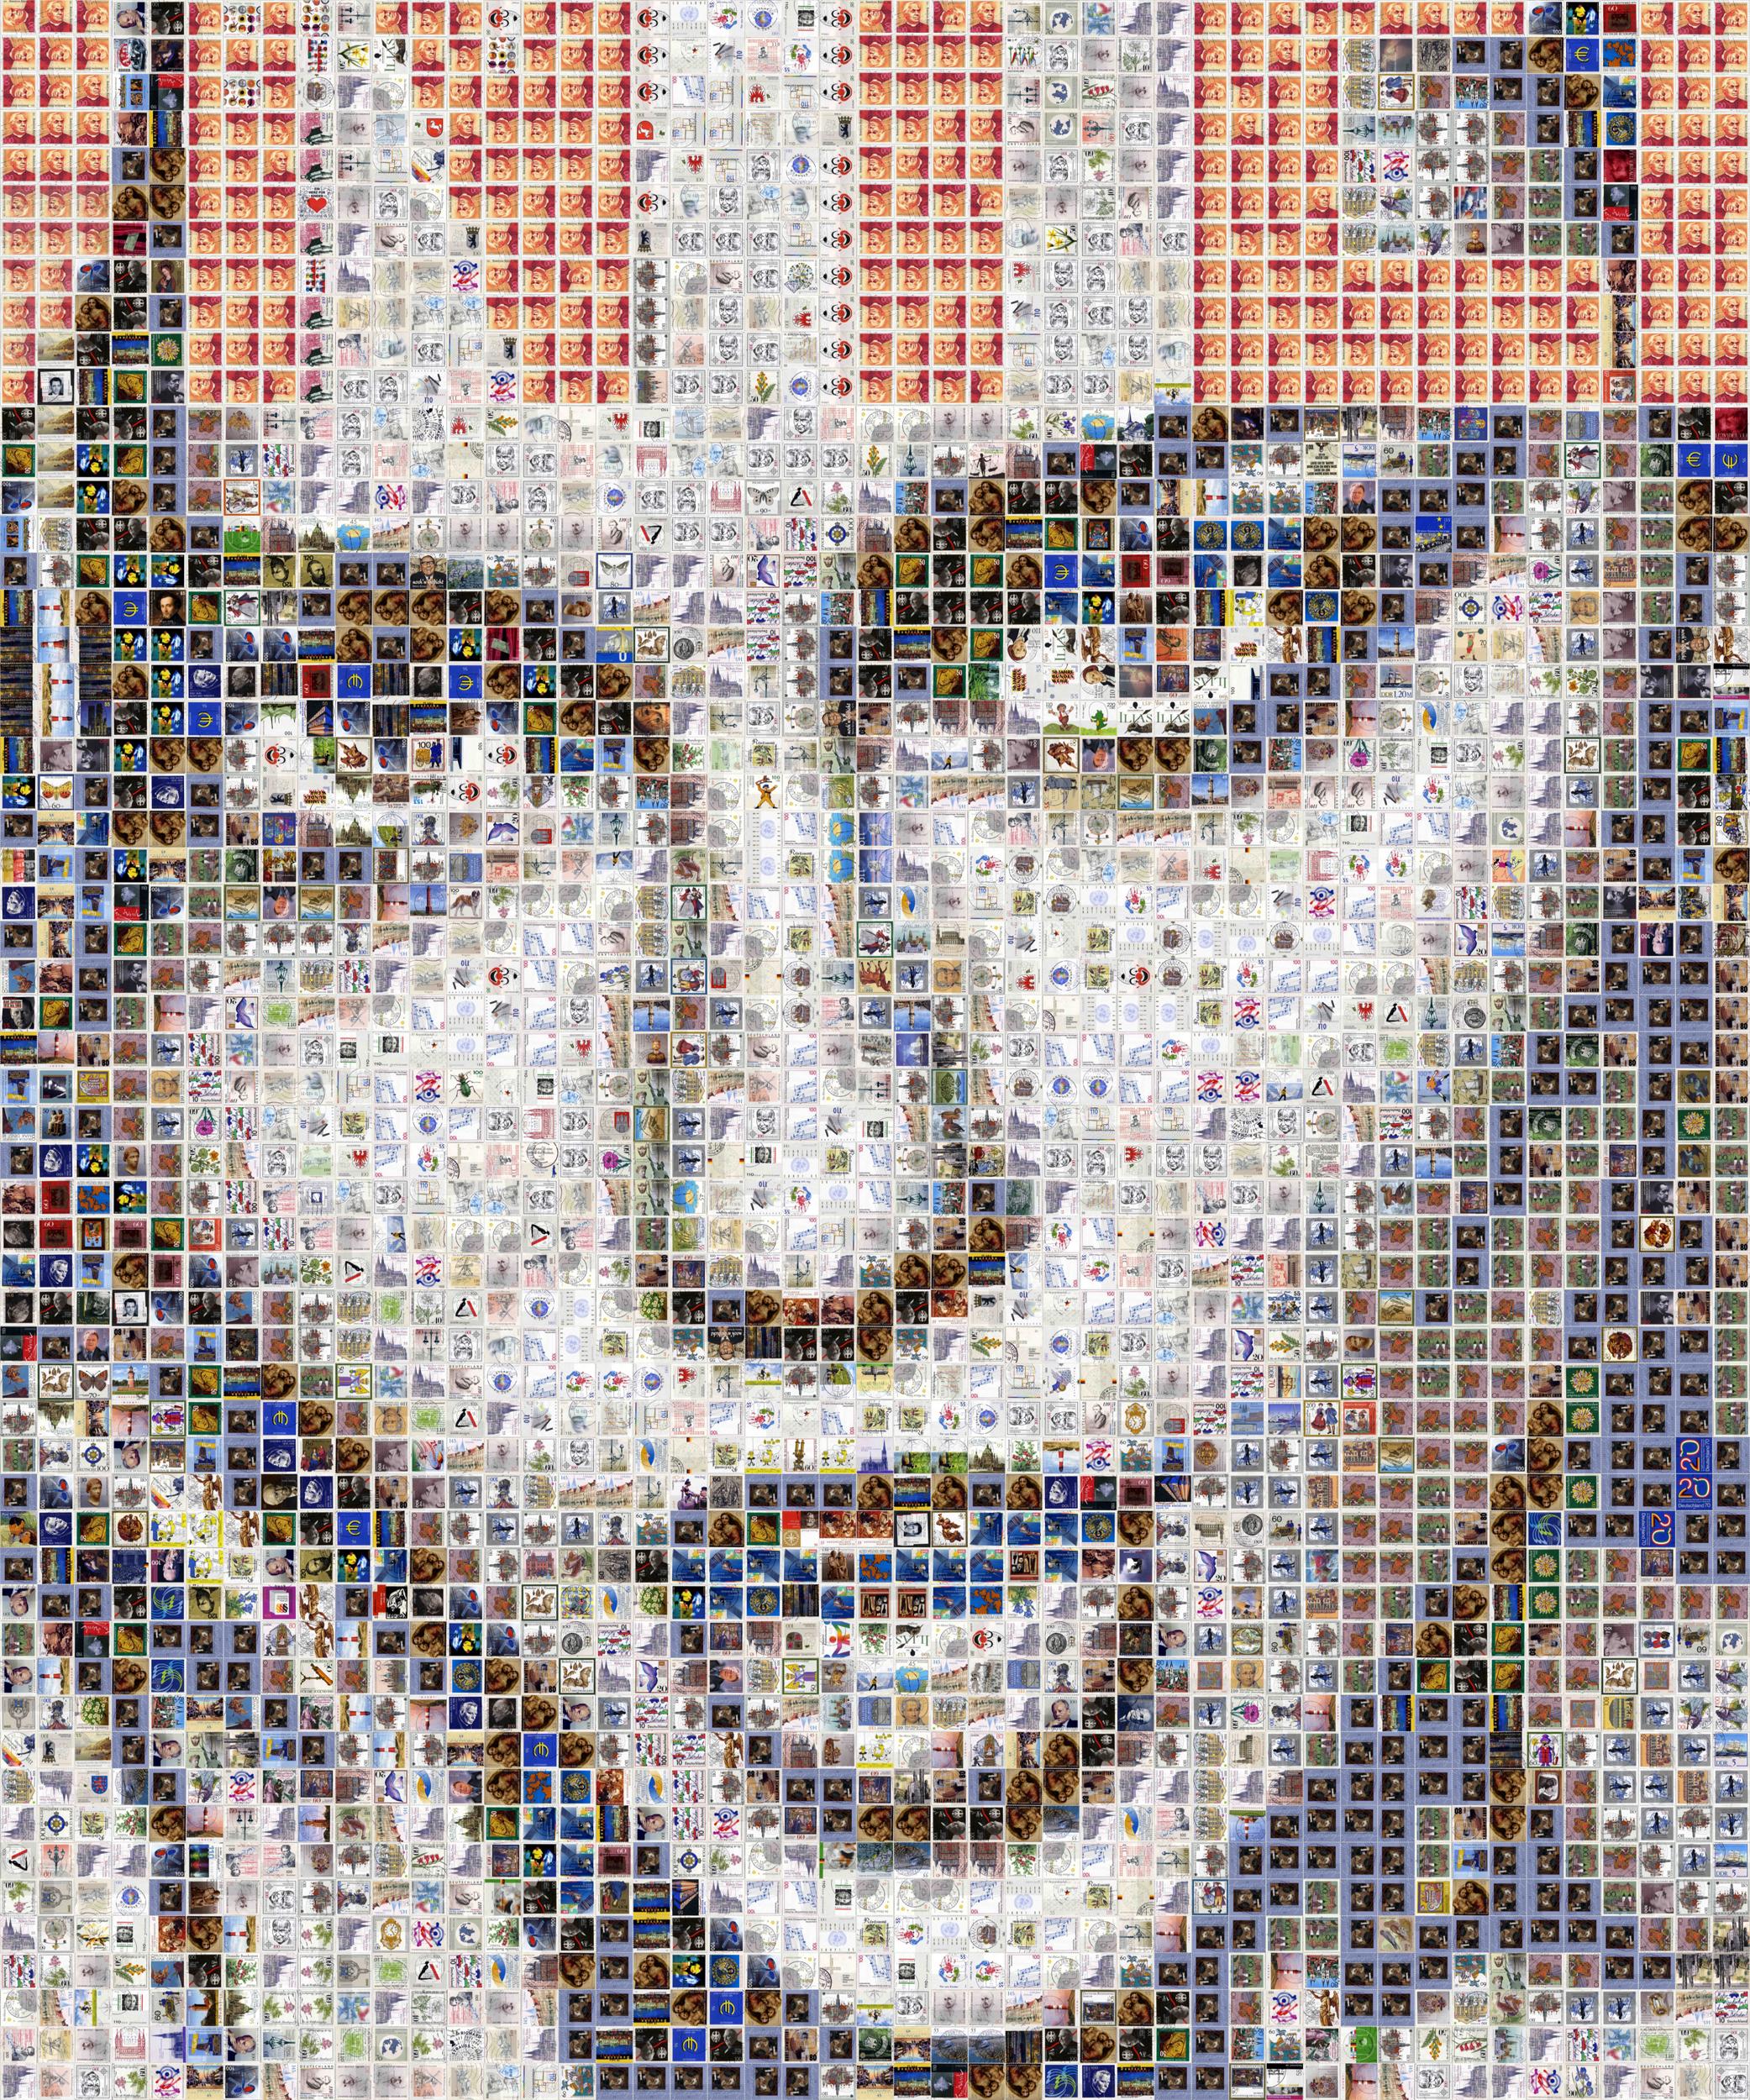 Miley-Cyrus_Daniel-Voelker.jpg